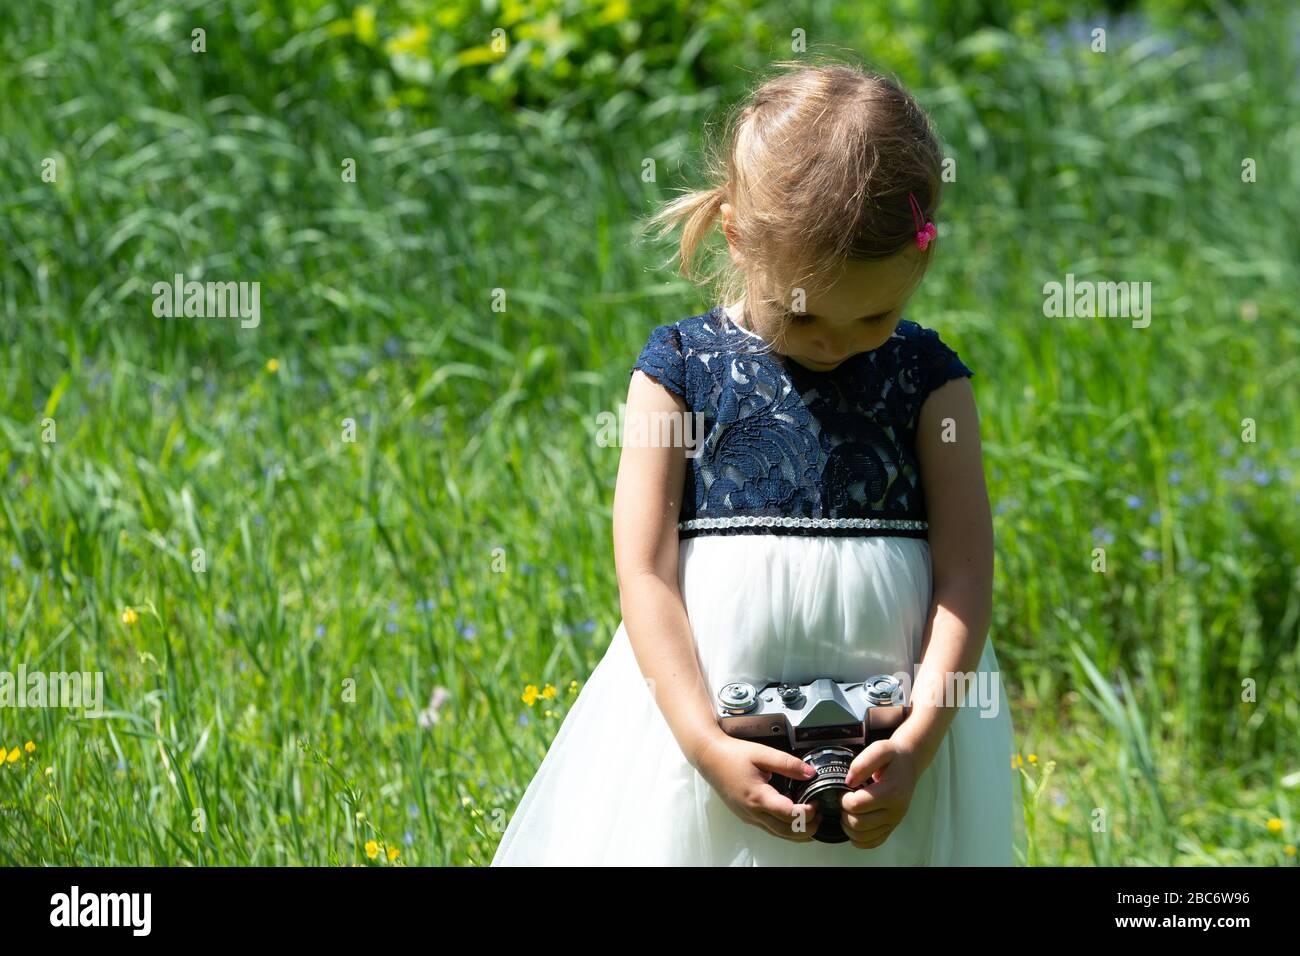 Petite fille mignonne dans une robe légère tenant un appareil photo rétro vintage dans une triste humeur. Petite fille avec un appareil photo rétro dans le parc en été. Banque D'Images